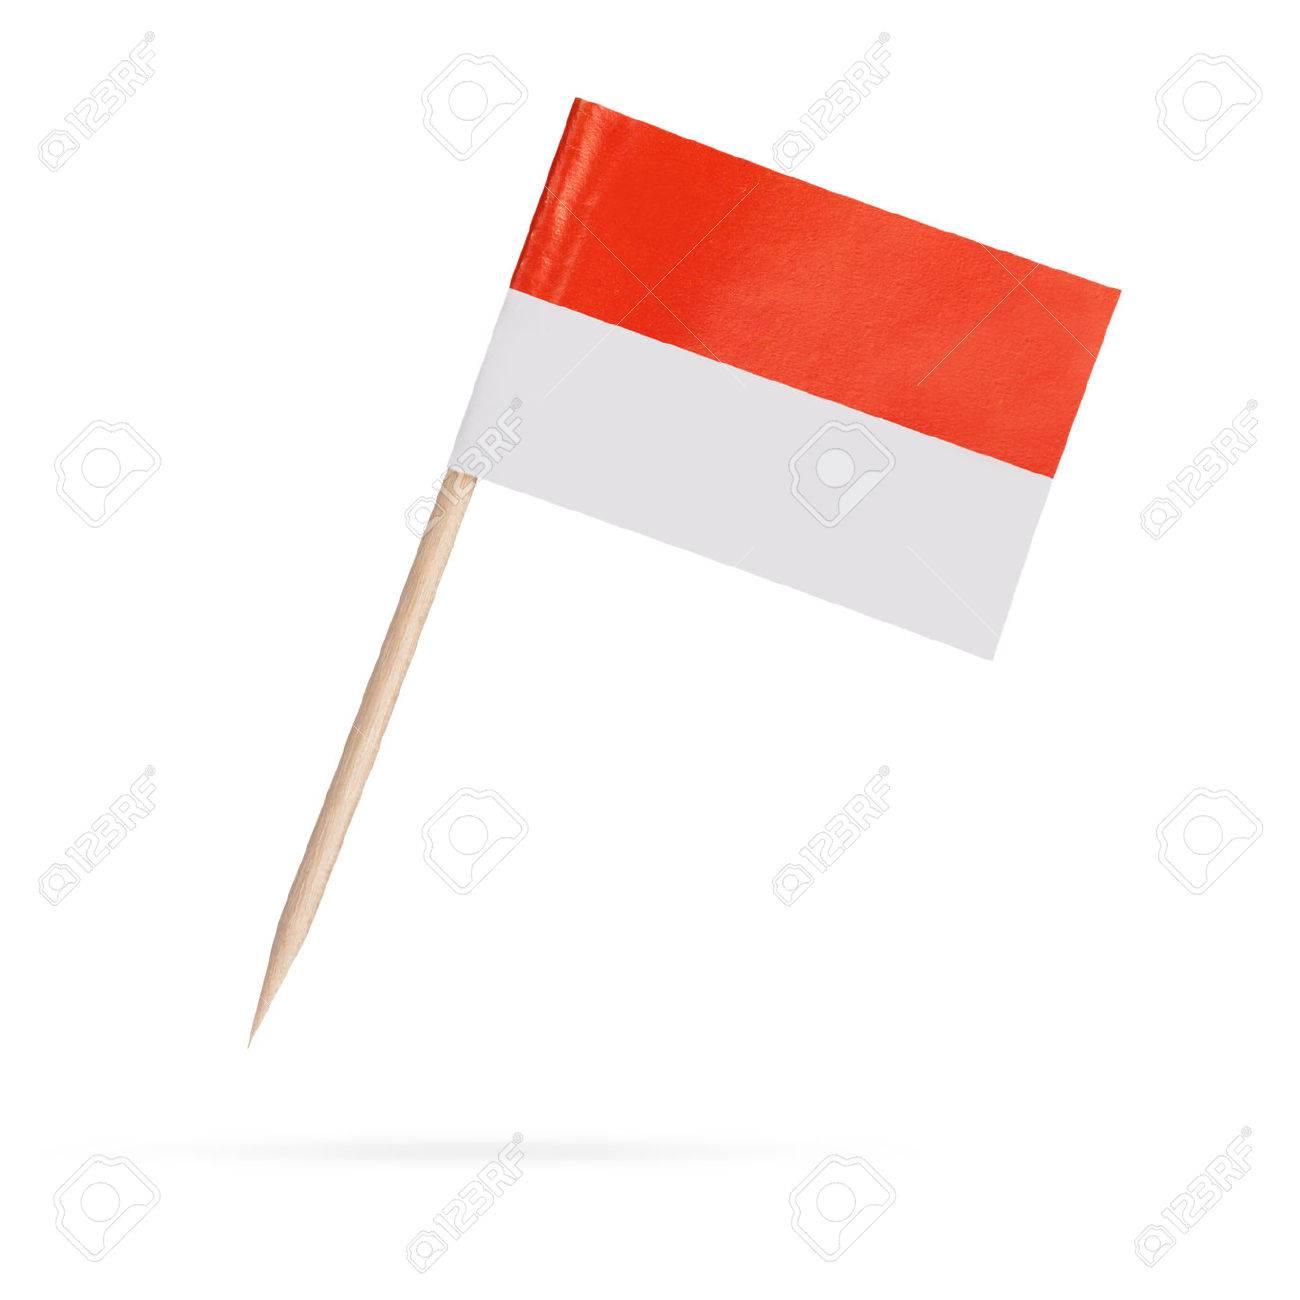 Drapeau De L Indonésie papier miniature drapeau indonésie. drapeau indonésien isolé sur